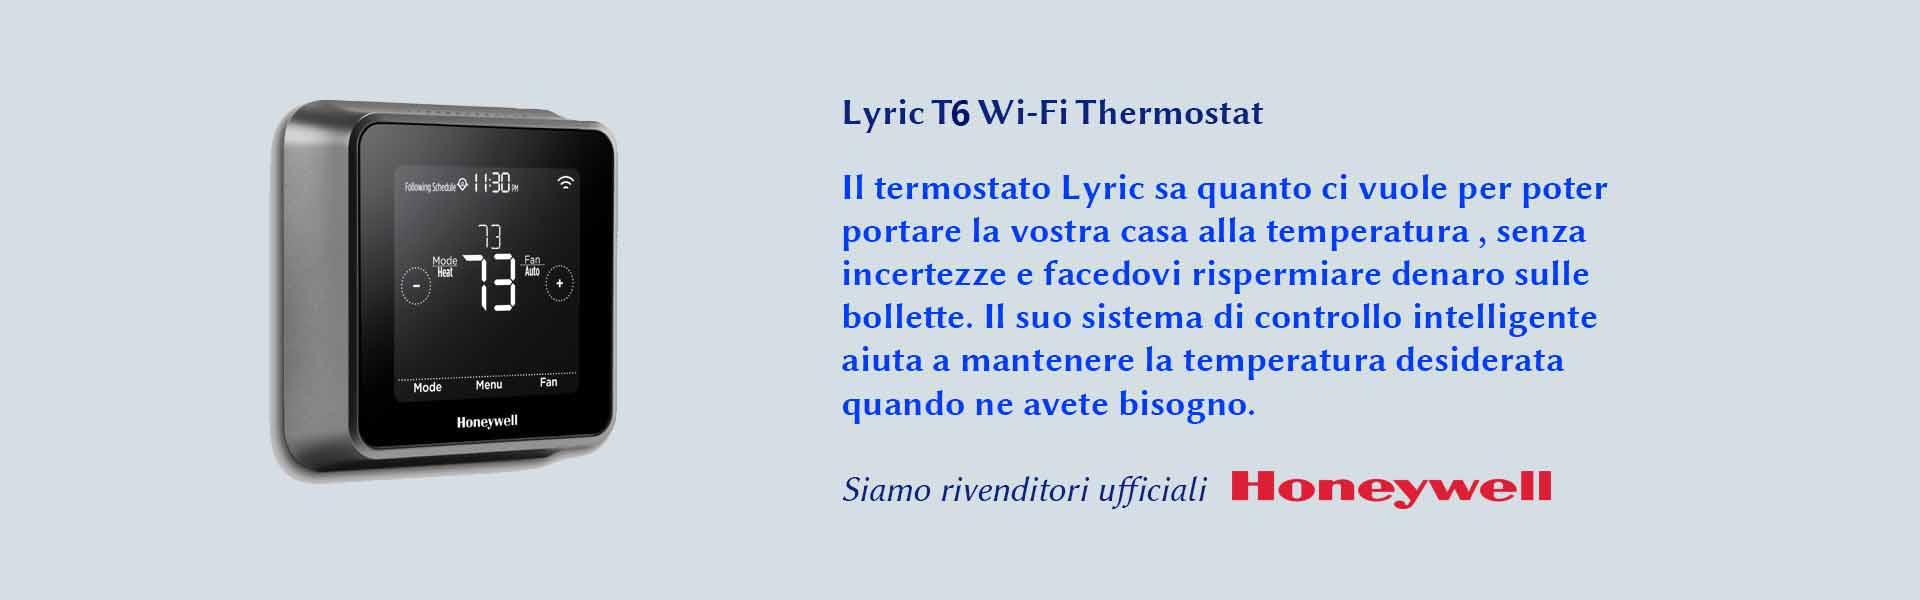 Lyric T5 honeywell Termostato per portare la temperatura stabile ed evitare sprechi